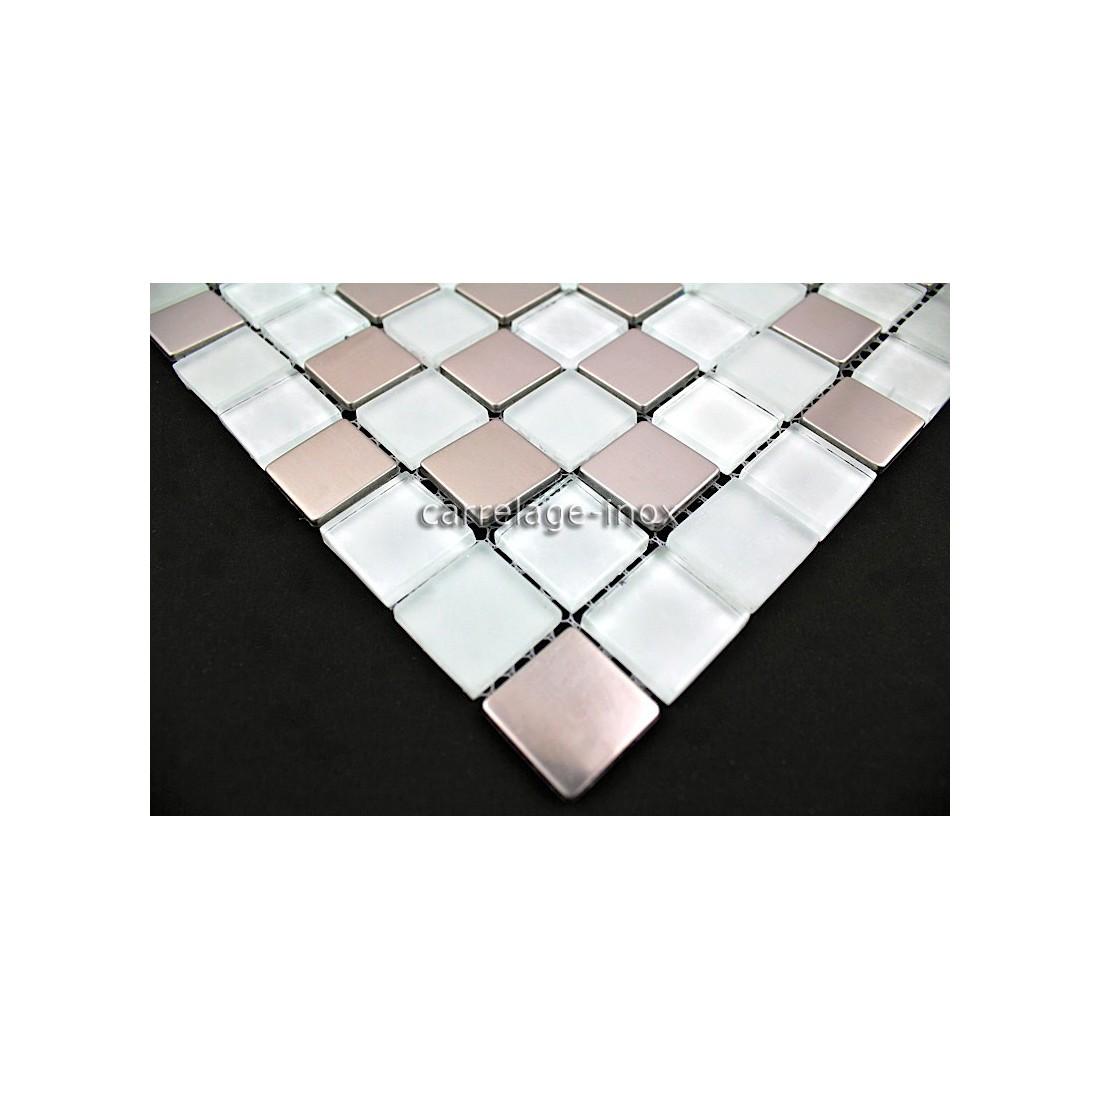 Carrelage mosaique inox et verre 1m2 doblo blanc for Carrelage mosaique blanc